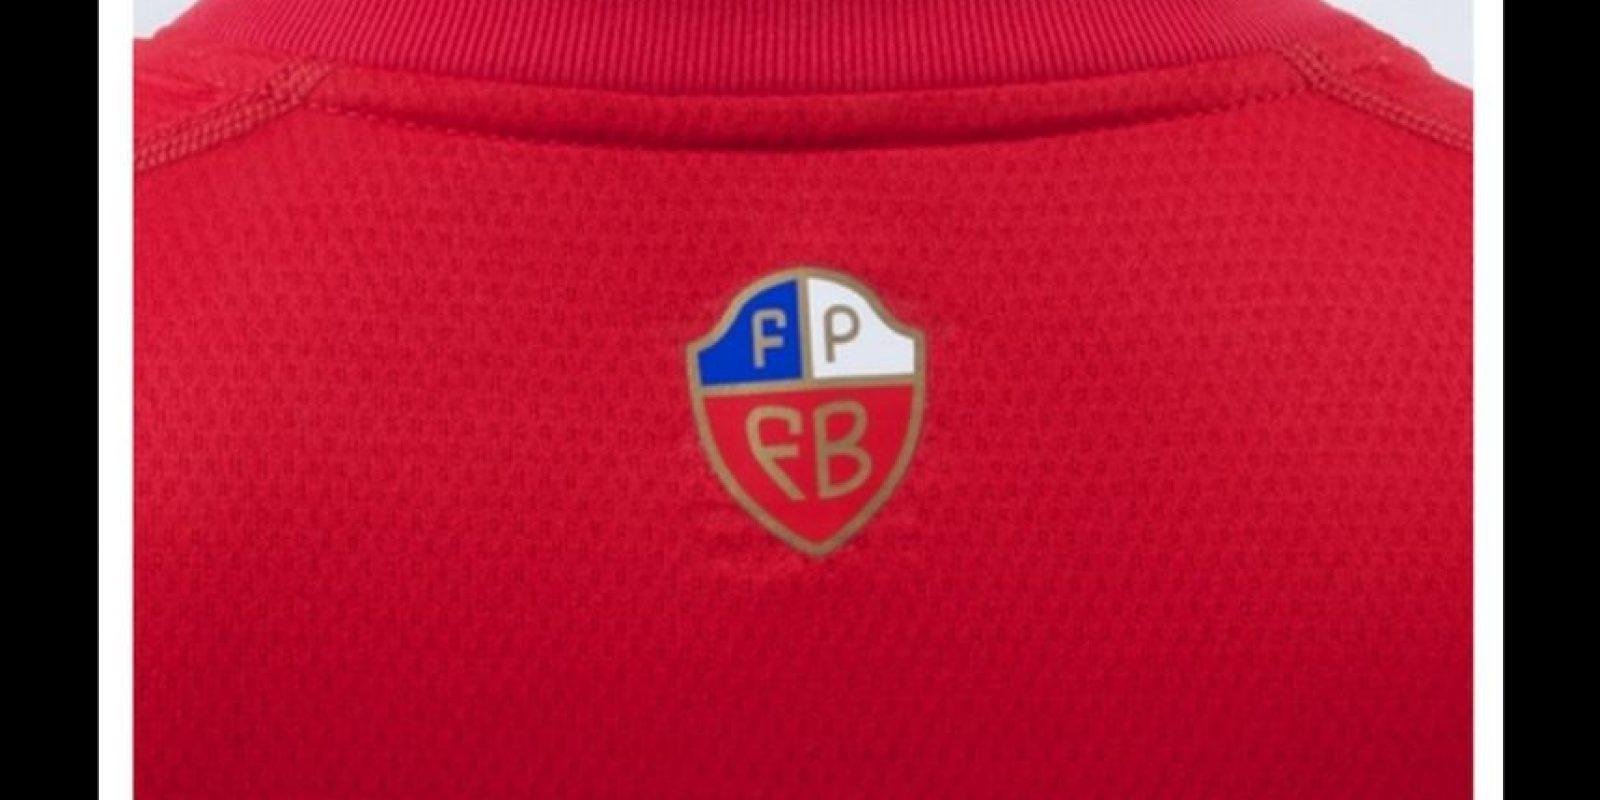 Este logotipo fue muy criticado por llevar los colores de Chile. Foto:Umbro